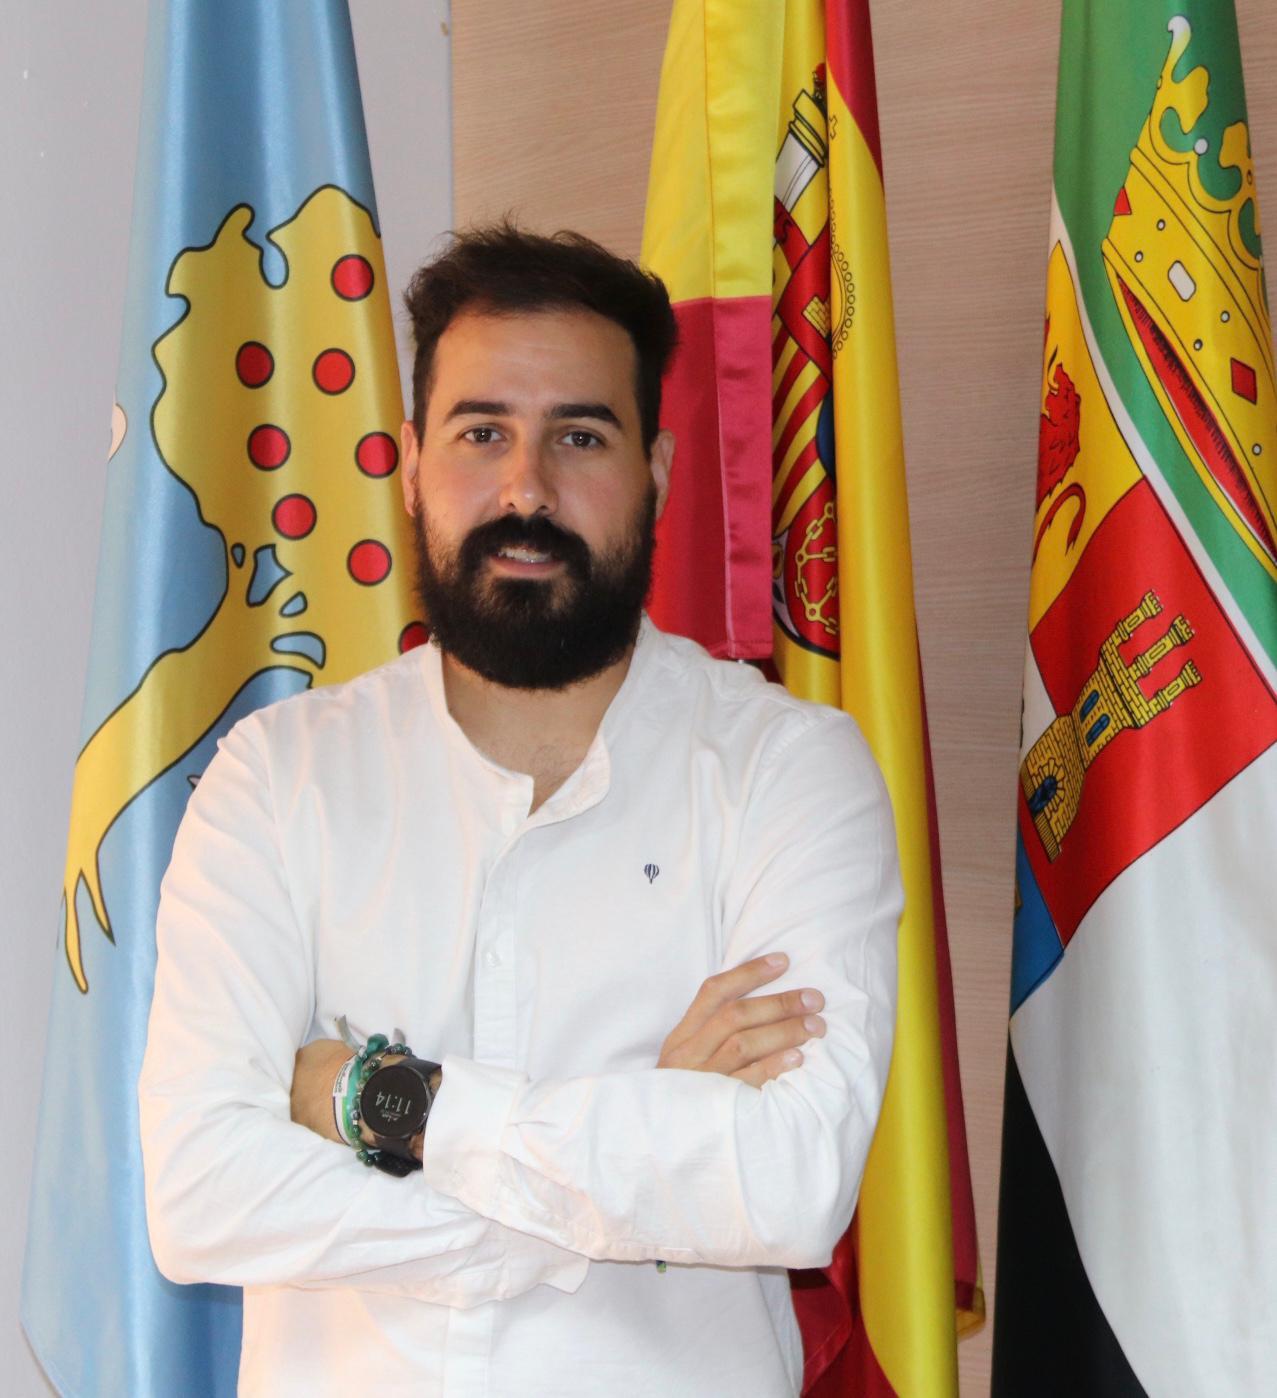 Pedro José Fernández Holguín